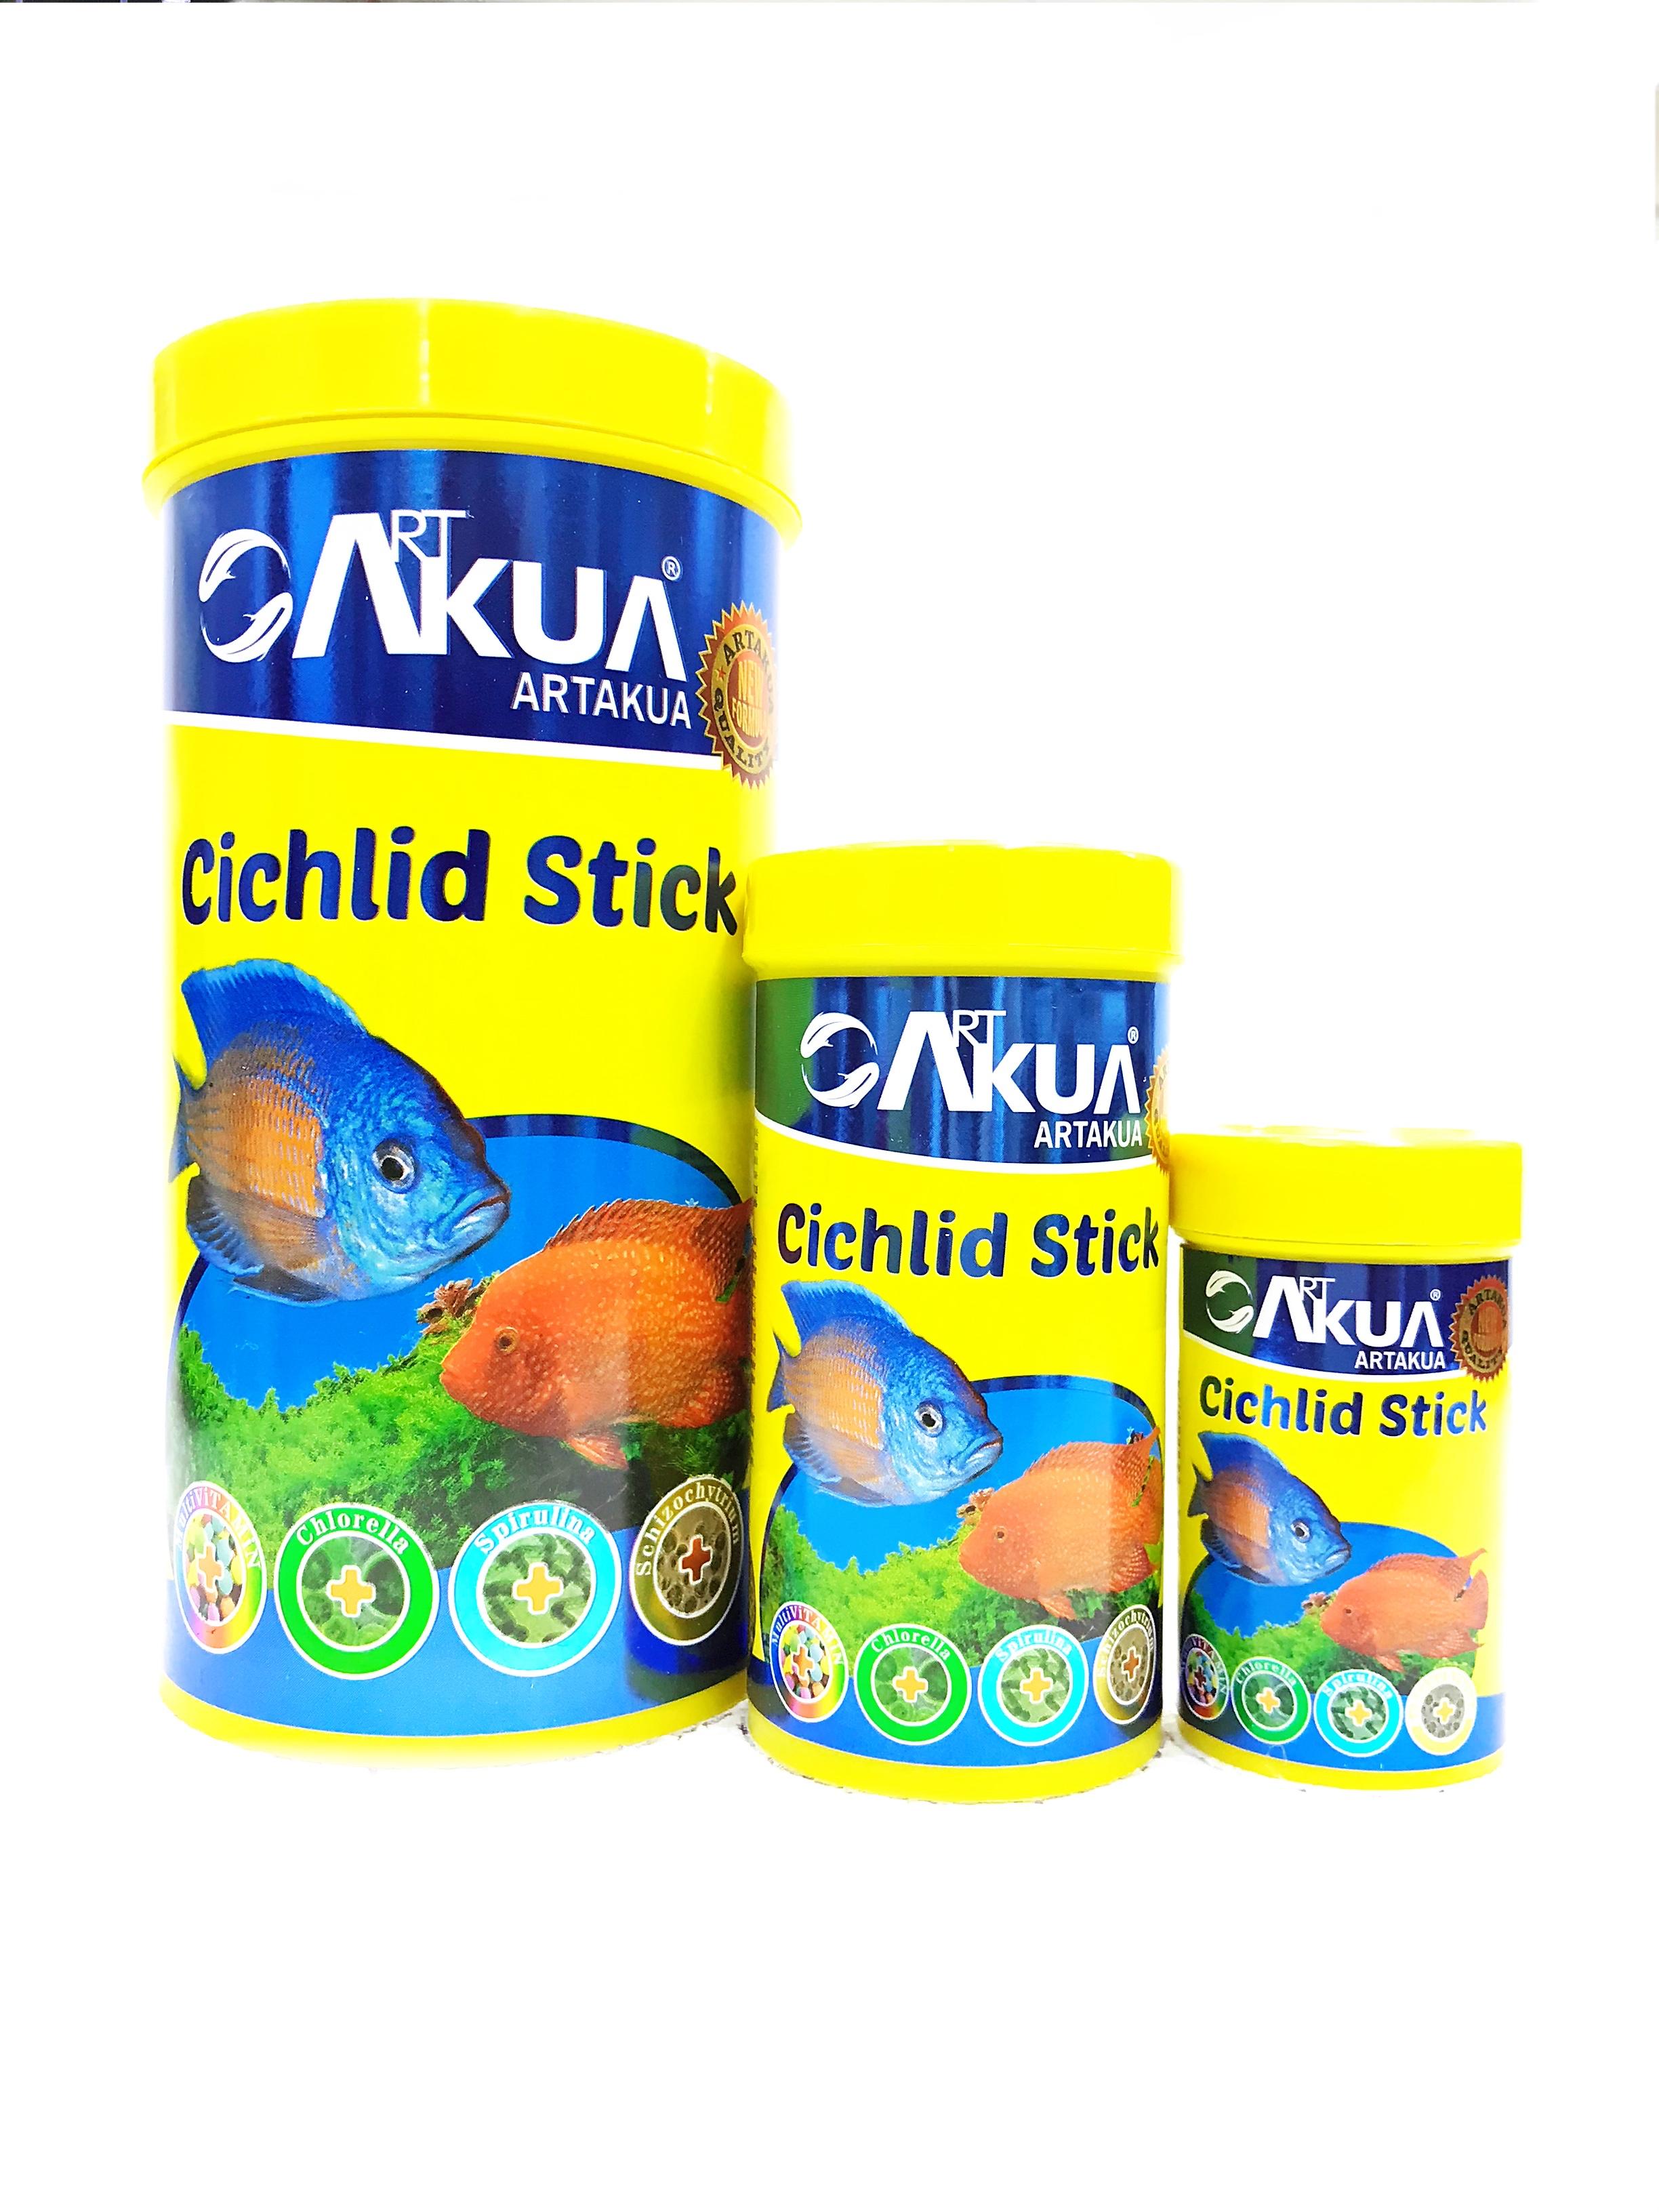 Artakua Cichlid Sticks